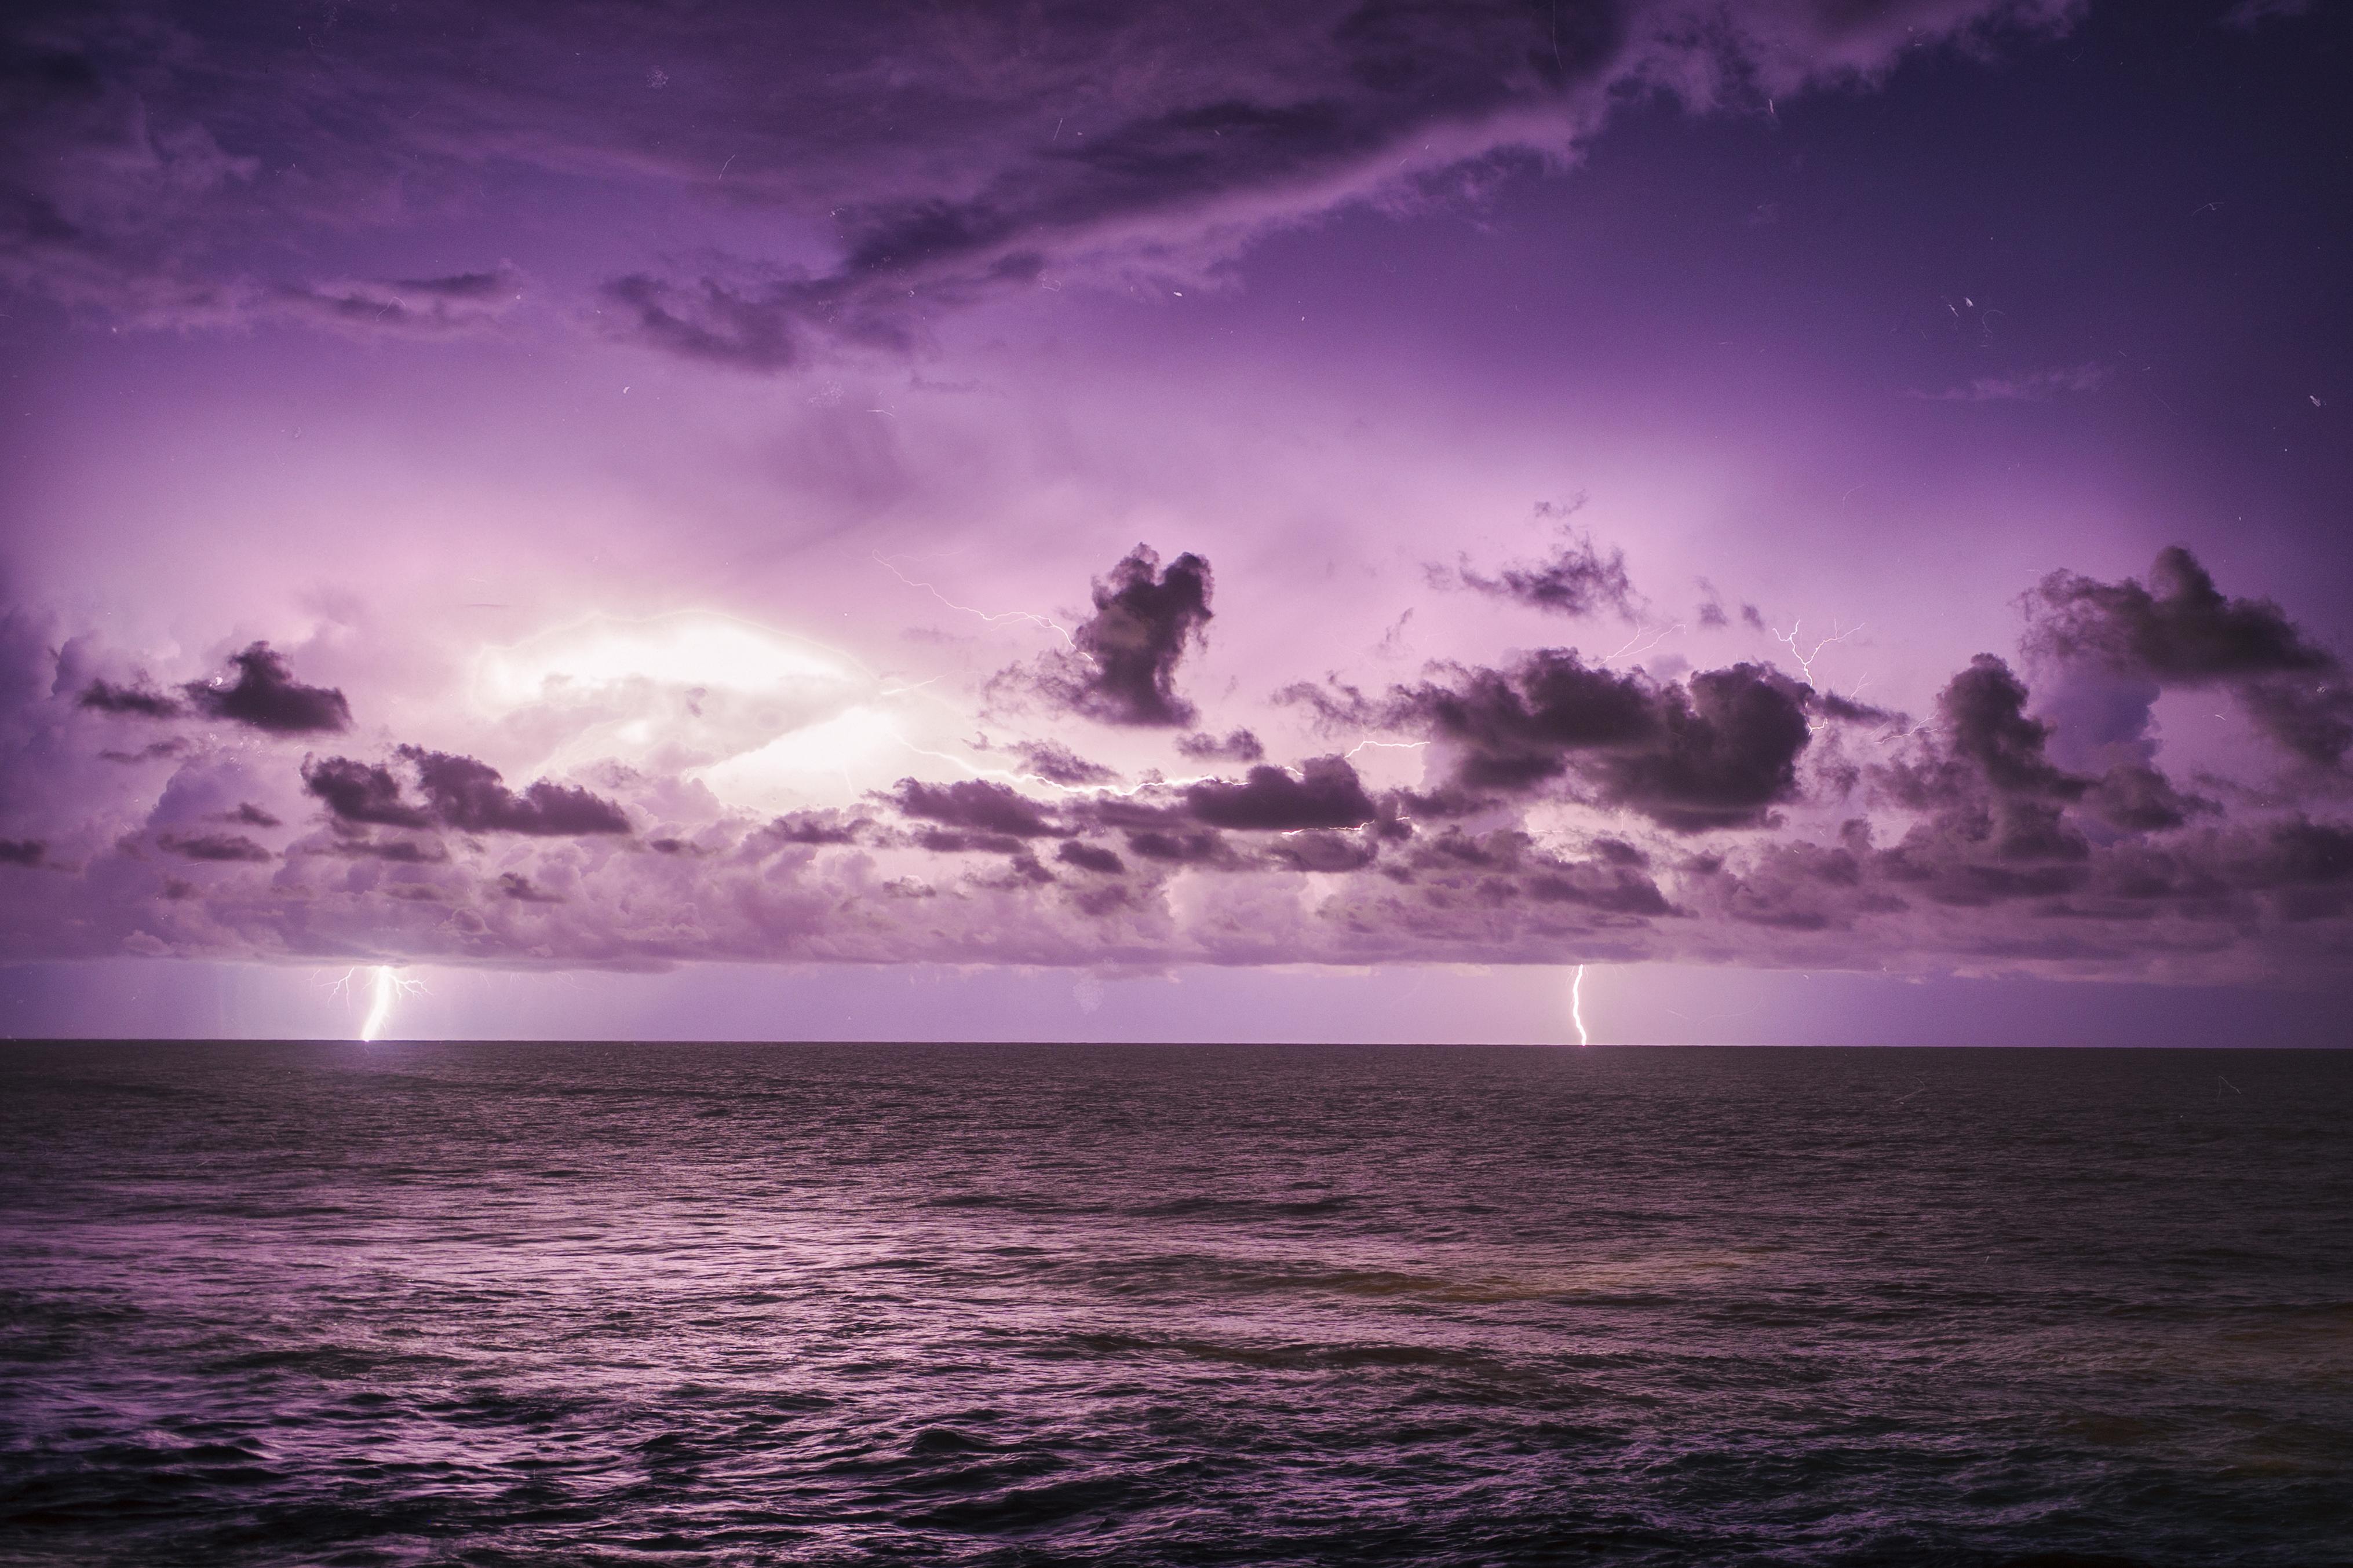 Imagens raras de uma natureza sempre indómita na praia do Pedrógão. @Kevin André Pereira Flores